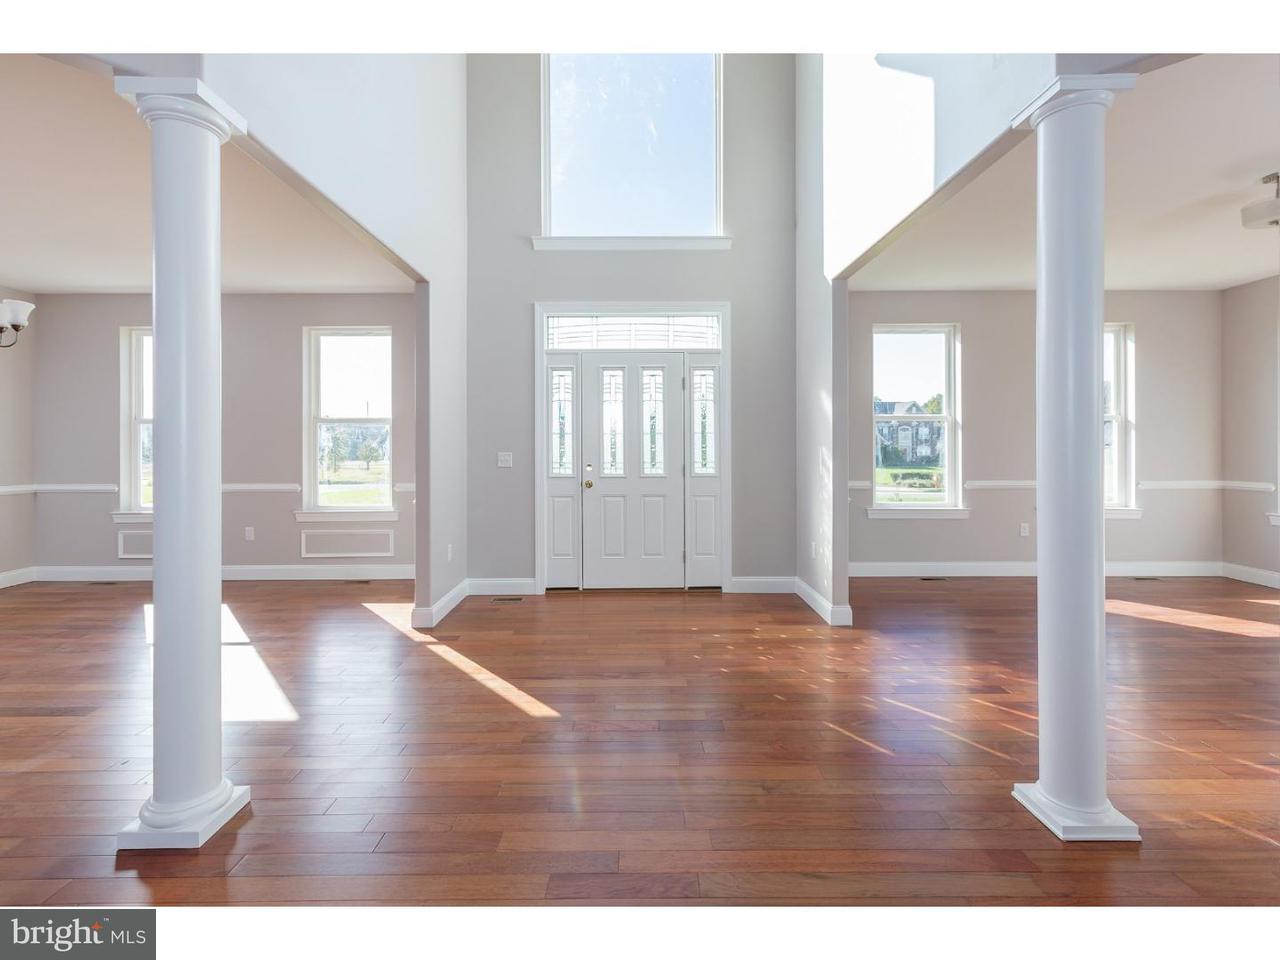 Maison unifamiliale pour l Vente à 102 VICTORIA Lane Mullica Hill, New Jersey 08062 États-Unis